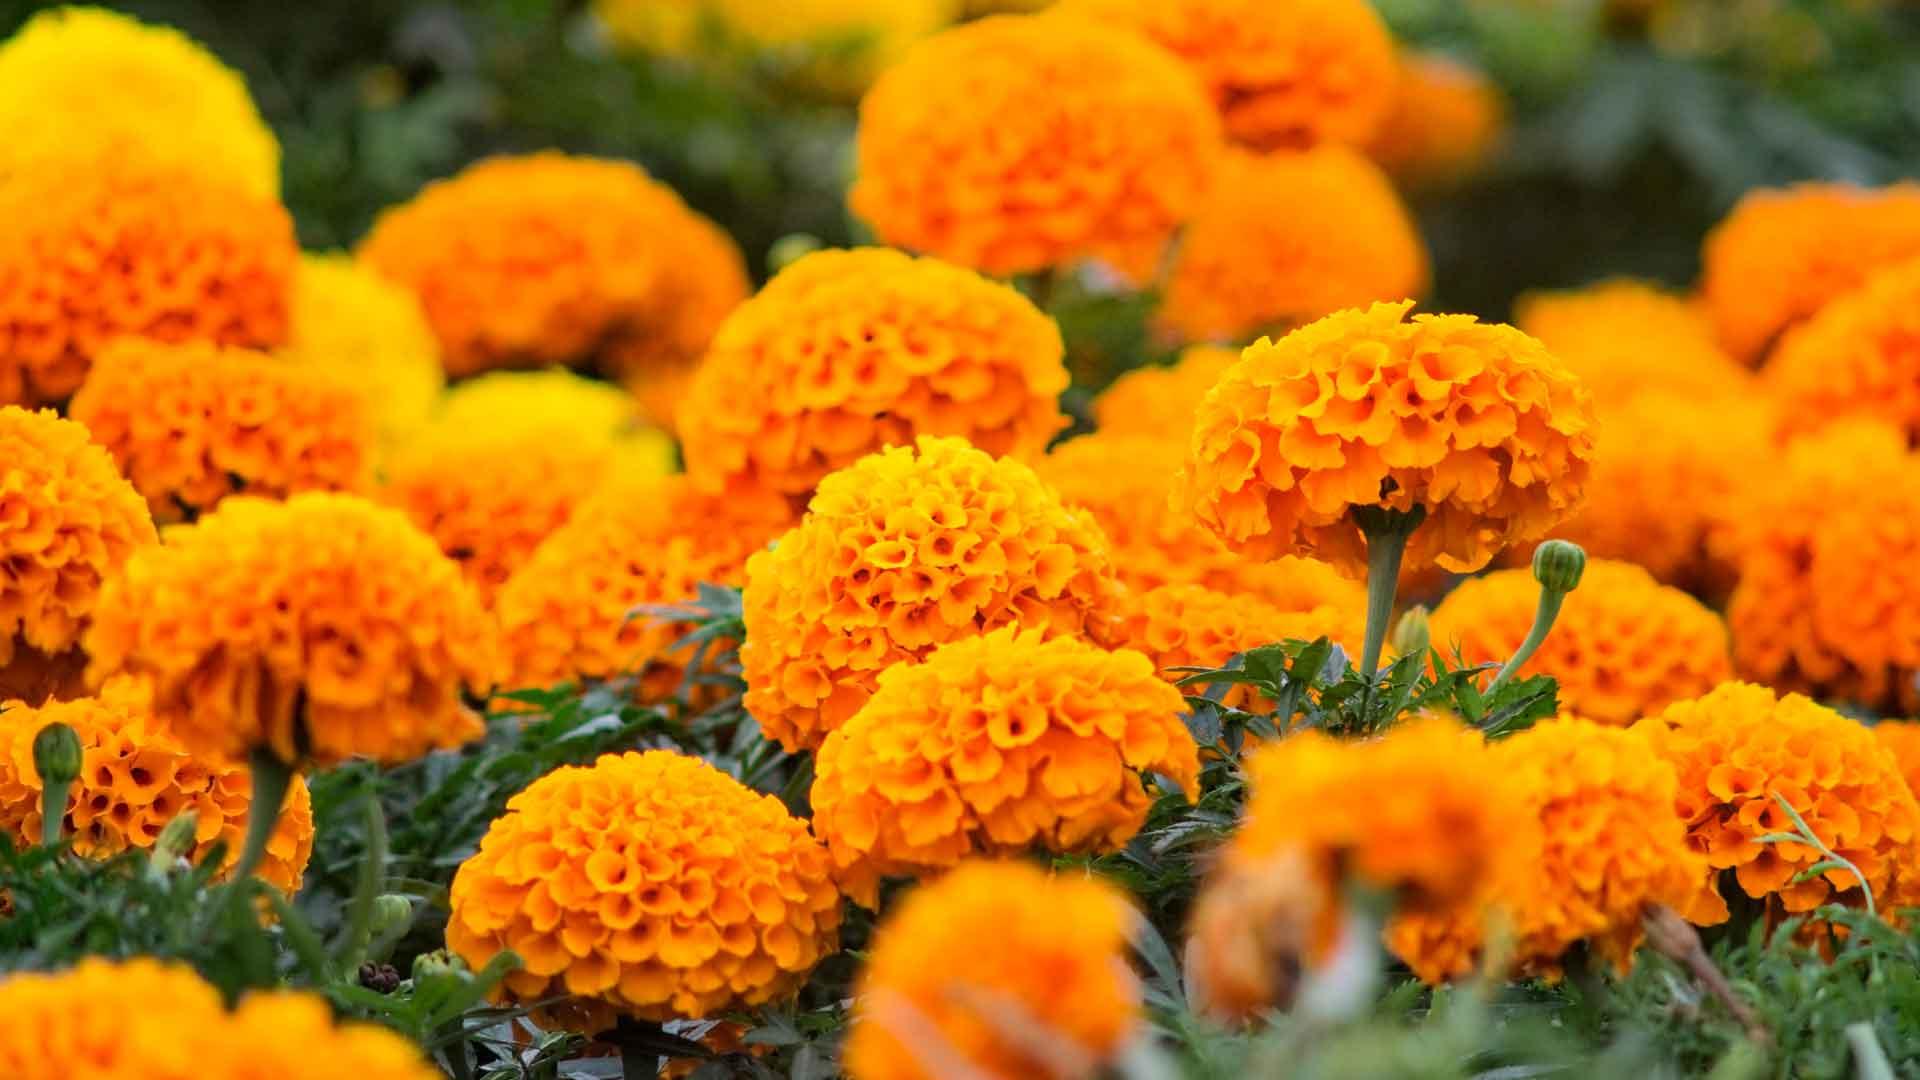 Cempasúchil La Flor De Los Muertos